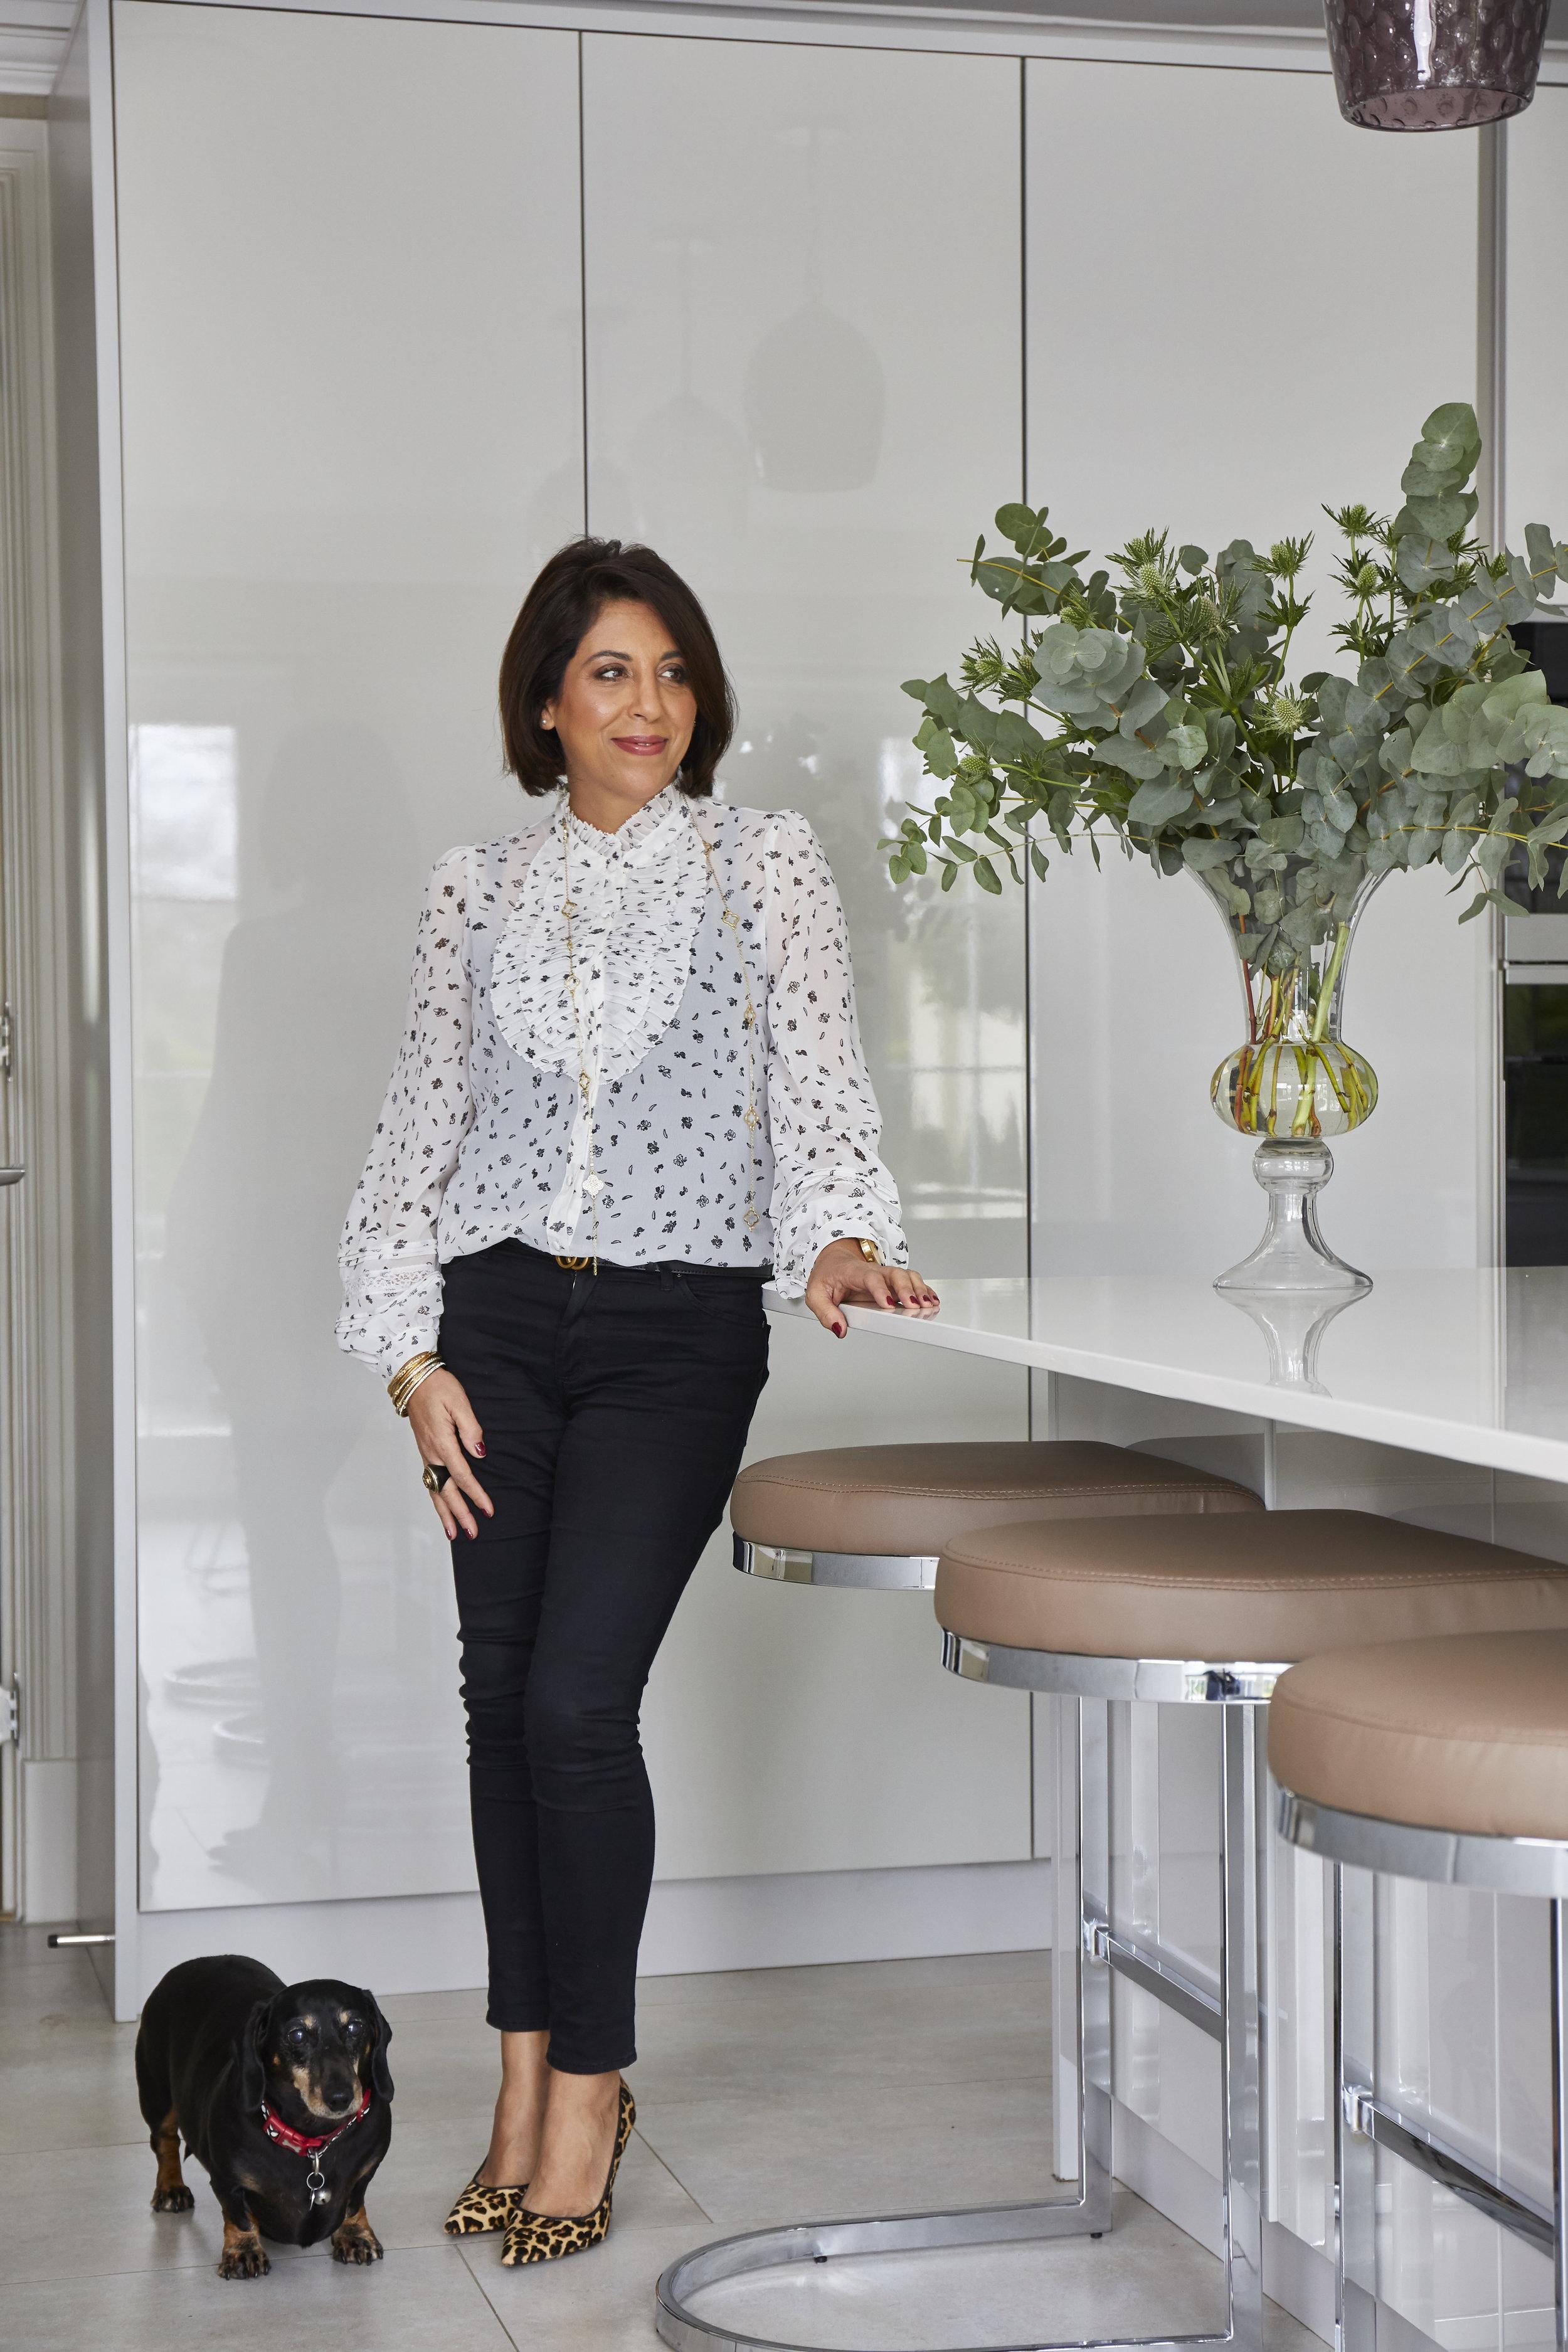 Intern Lola Blossom & interior designer Sonia Adams